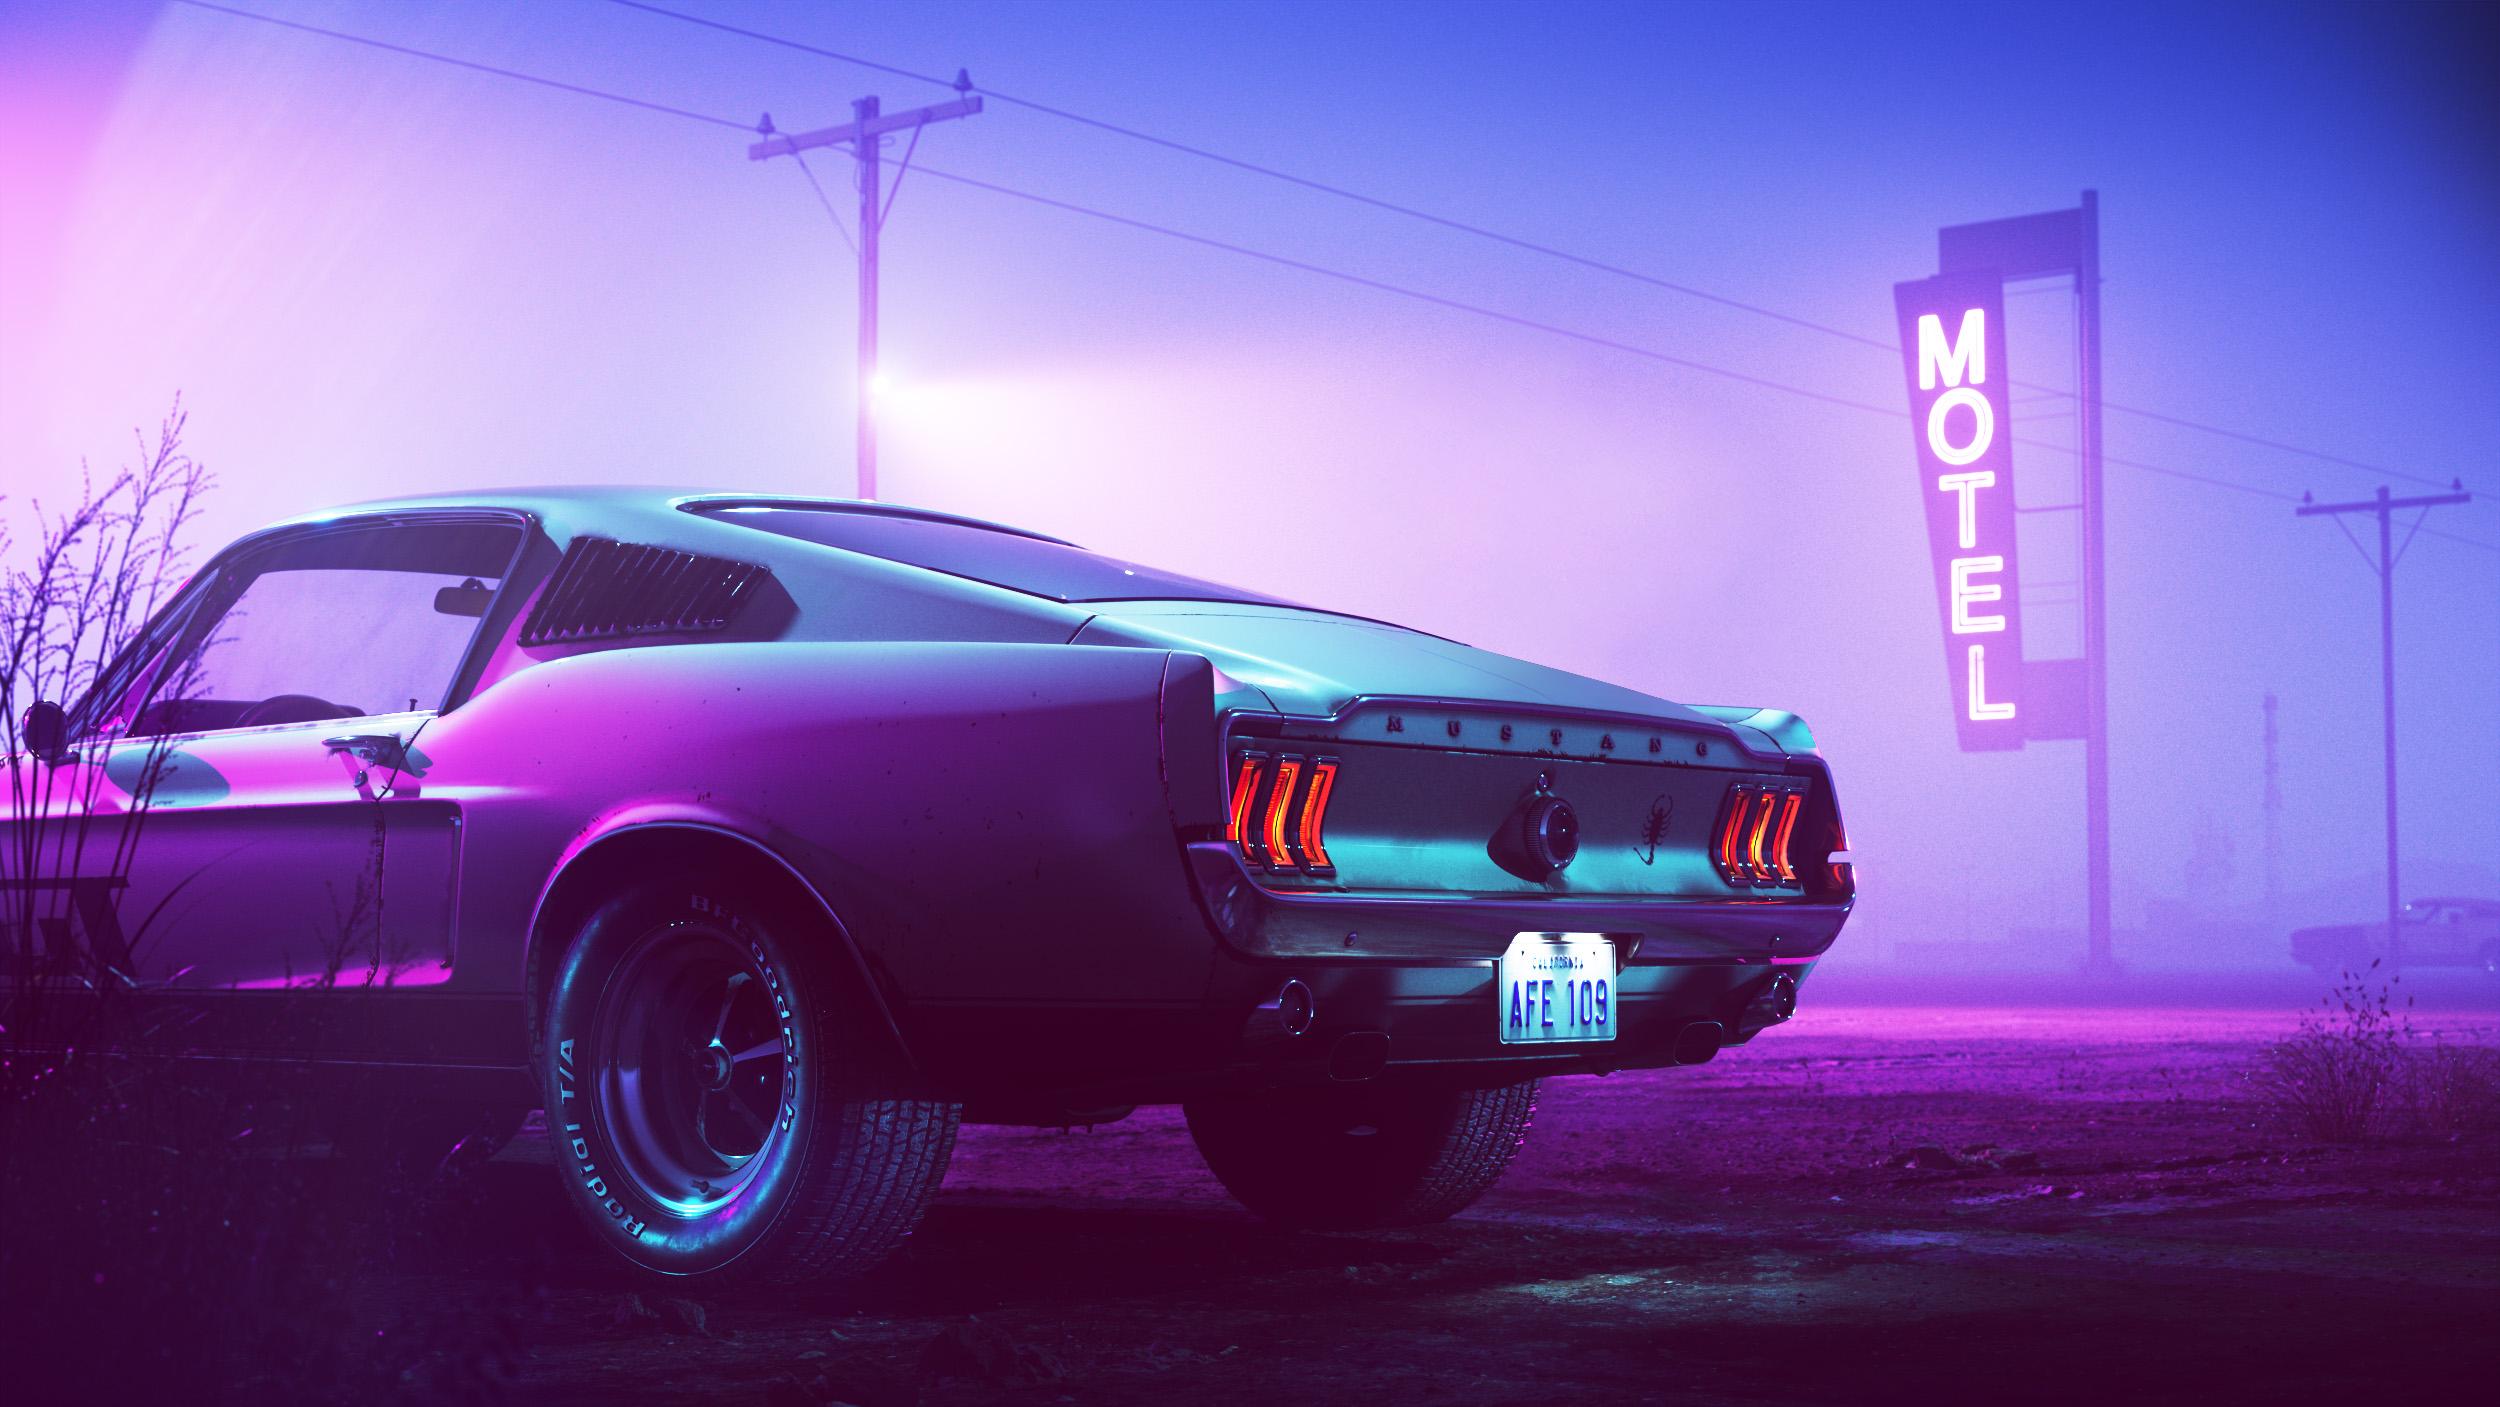 Неоновый Ford Mustang ночь неон автомобиль mustang ford